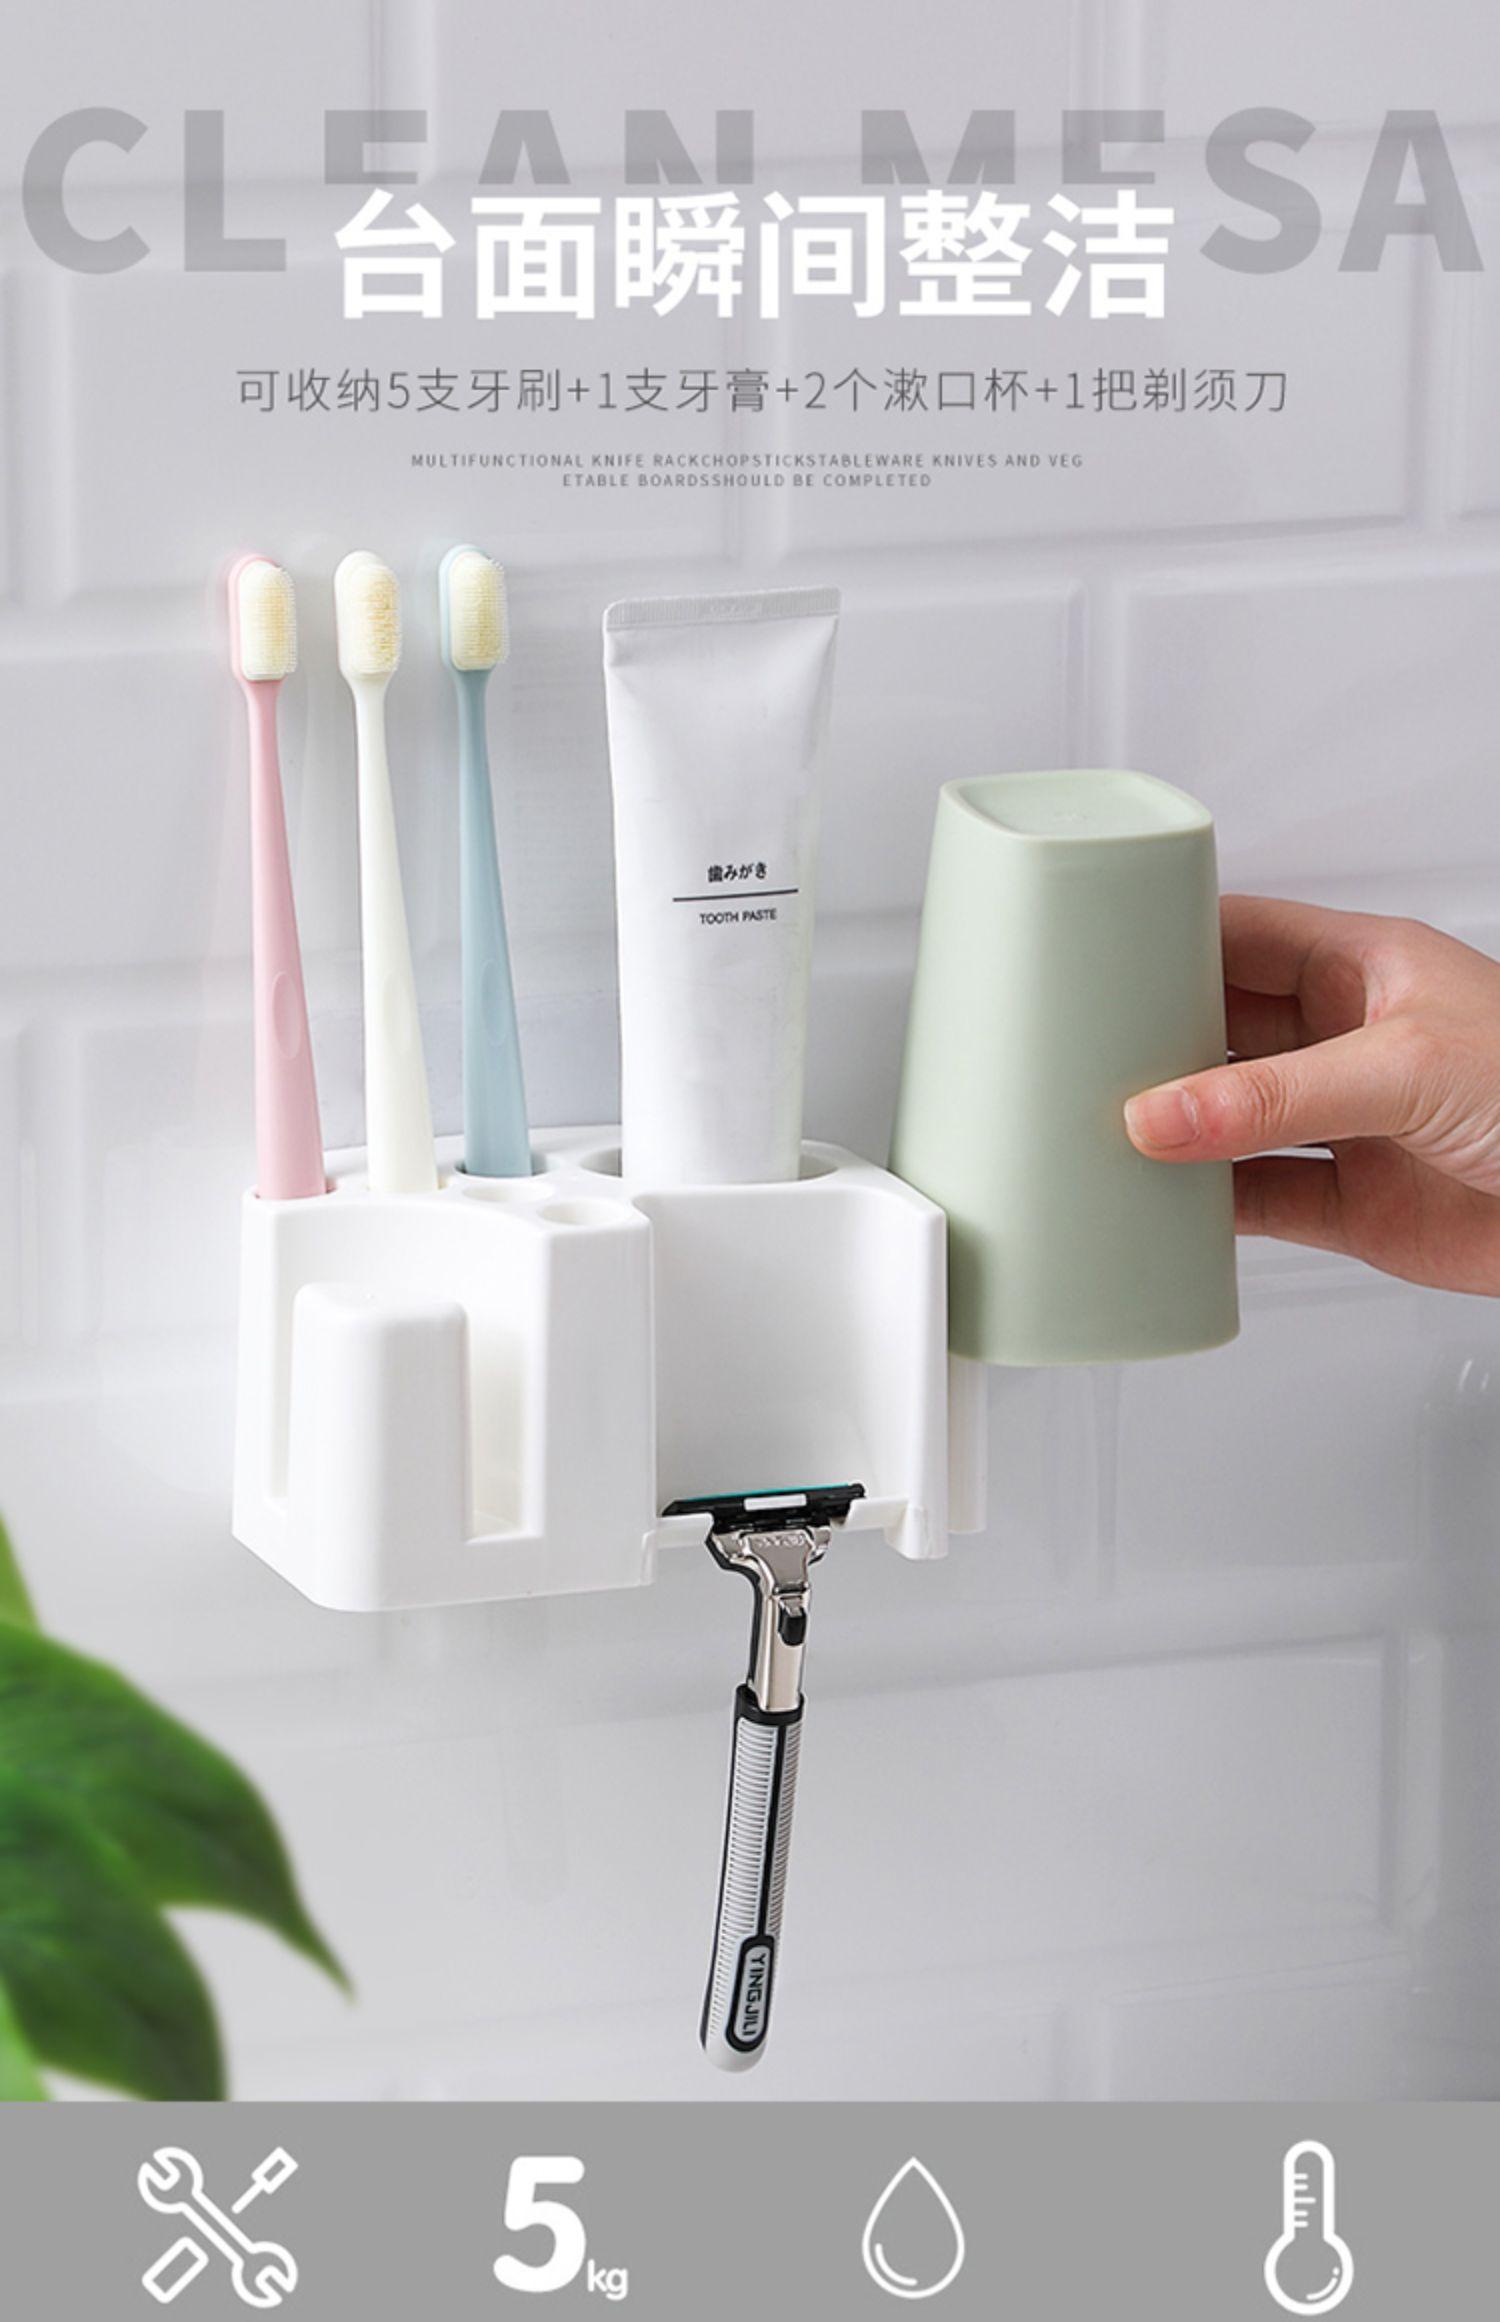 家用免打孔牙刷置物架壁挂牙杯架简约卫生间牙刷架牙缸架牙膏架子商品详情图